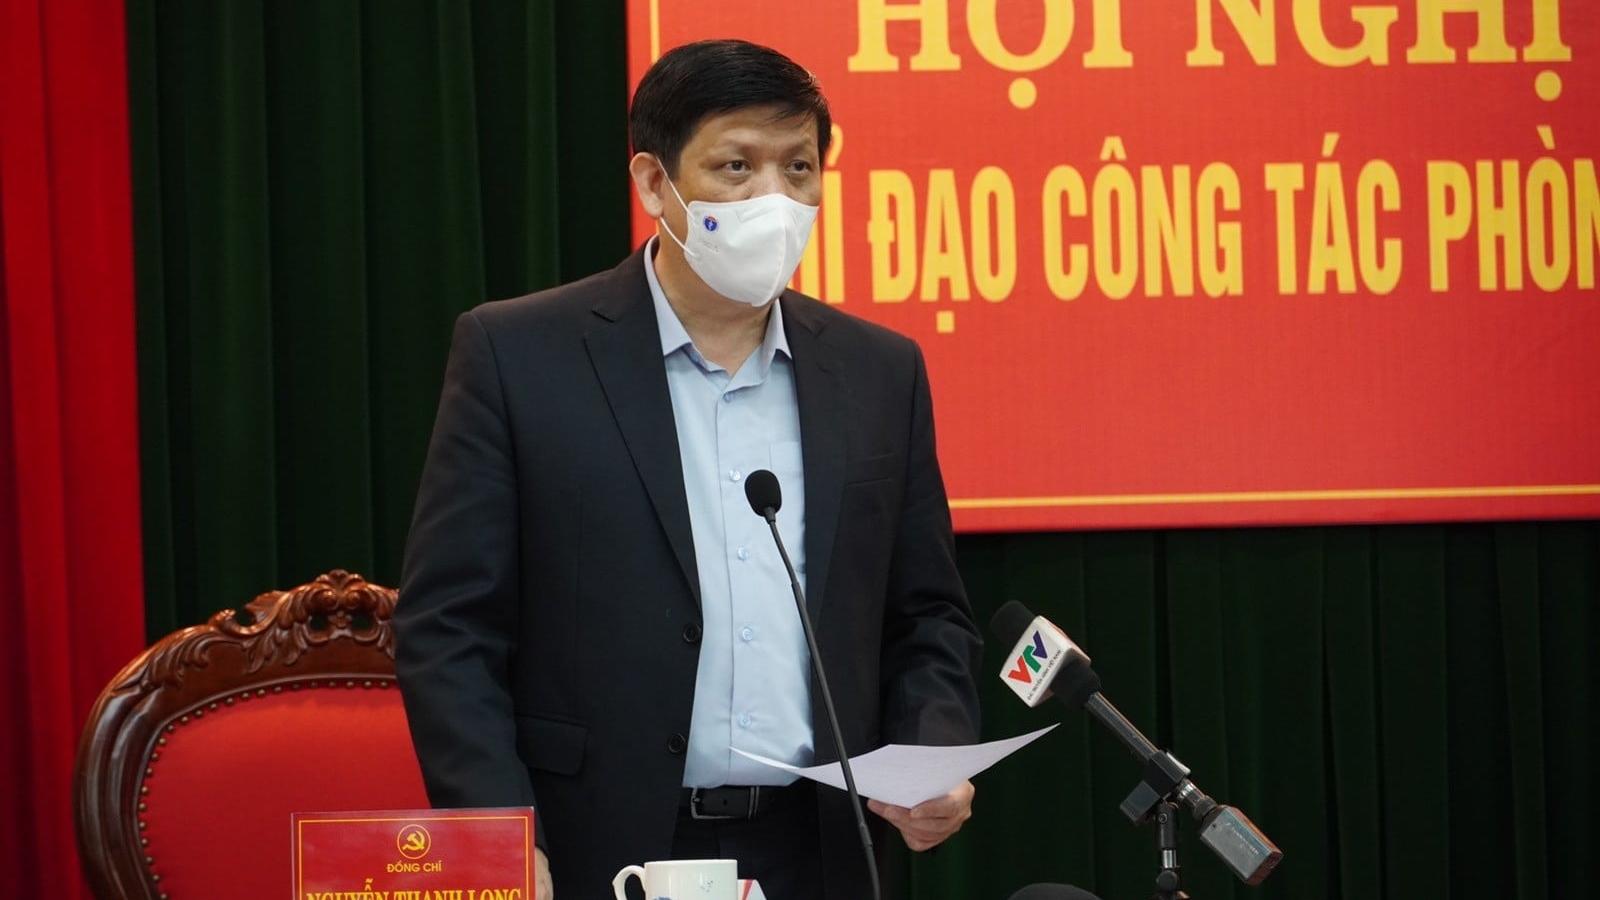 Bộ trưởng Y tế làm việc với tỉnh Hải Dương về công tác chống dịch Covid-19